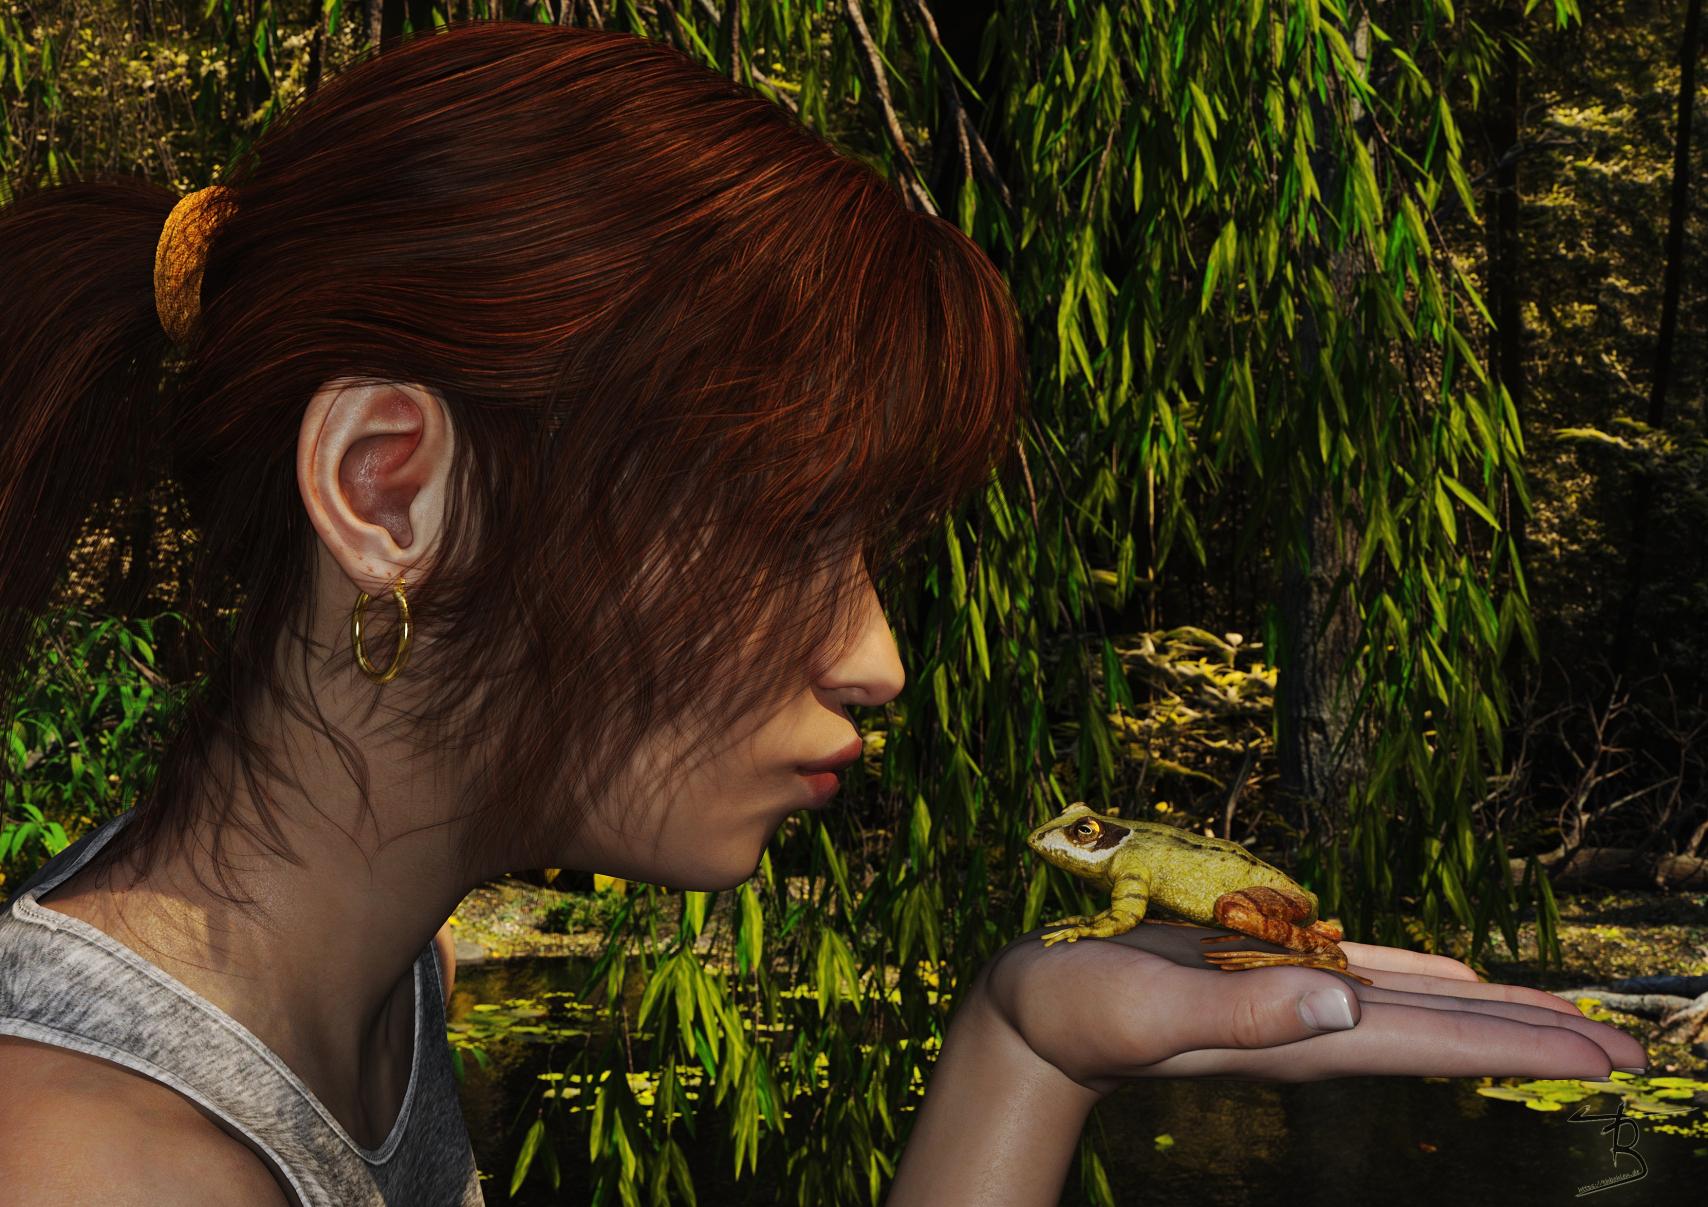 kissing-the-frog_full.jpg